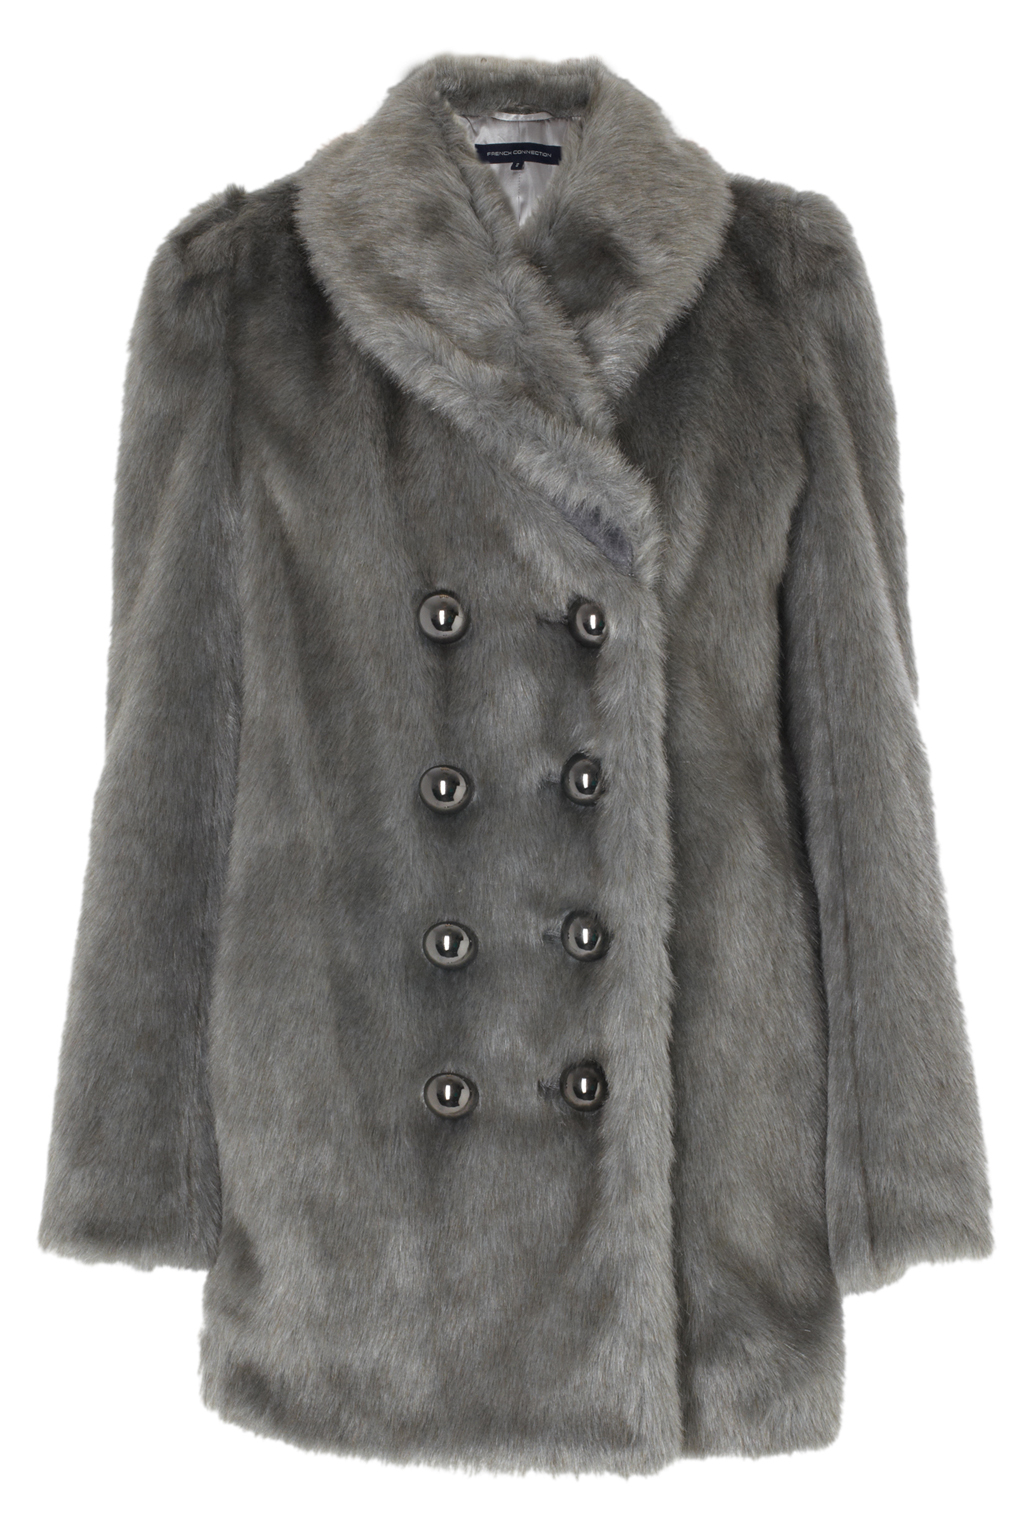 long-fur-3 Best 10 Ideas for Choosing Winter Gifts